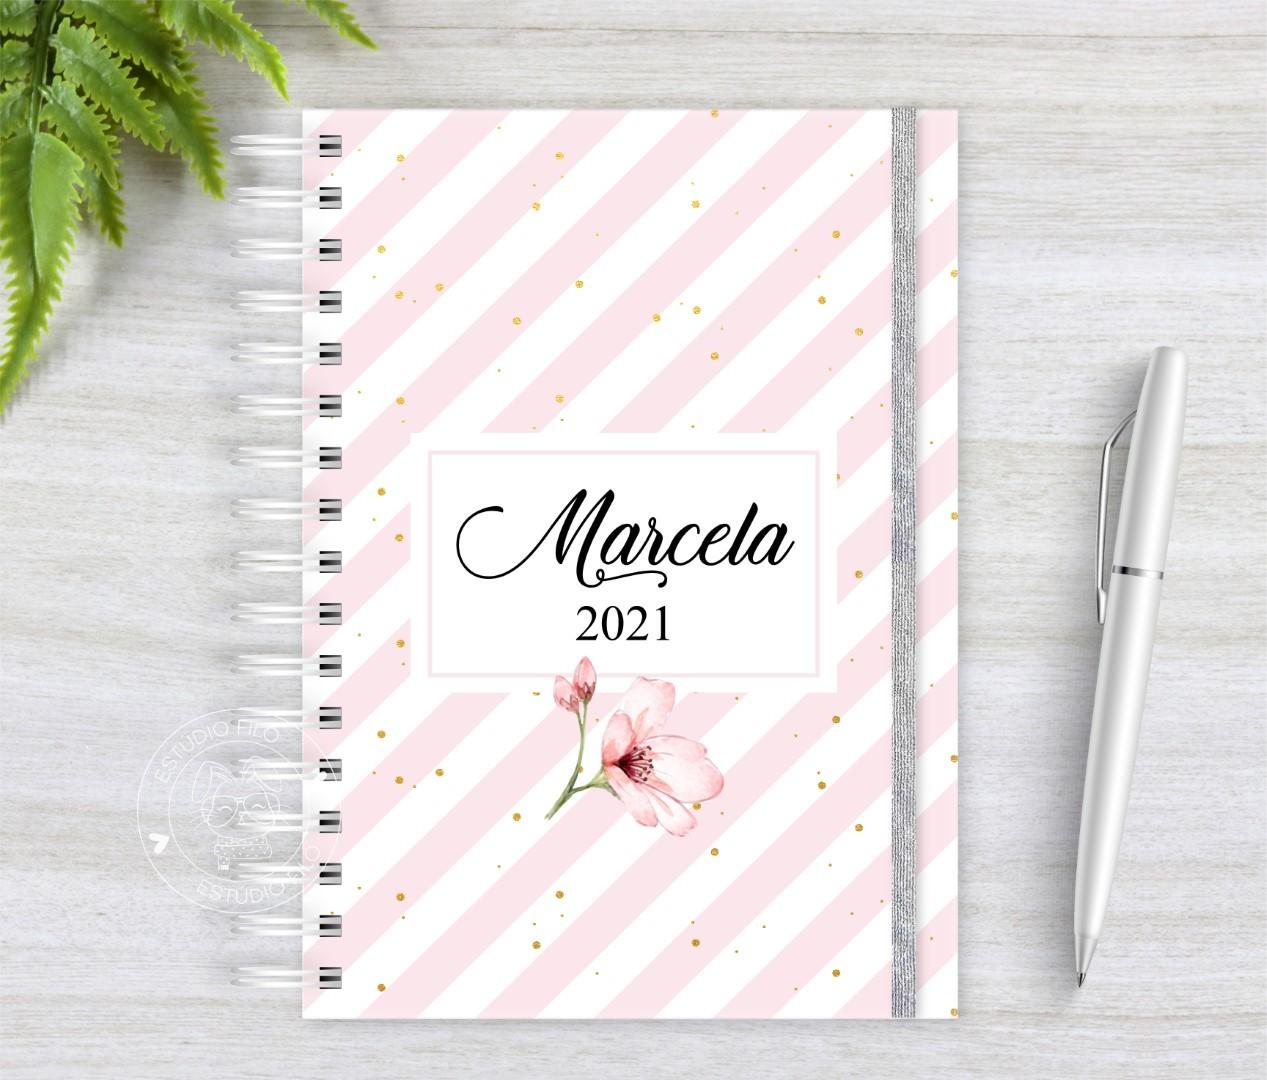 Agenda Listrada Cerejeira 2021